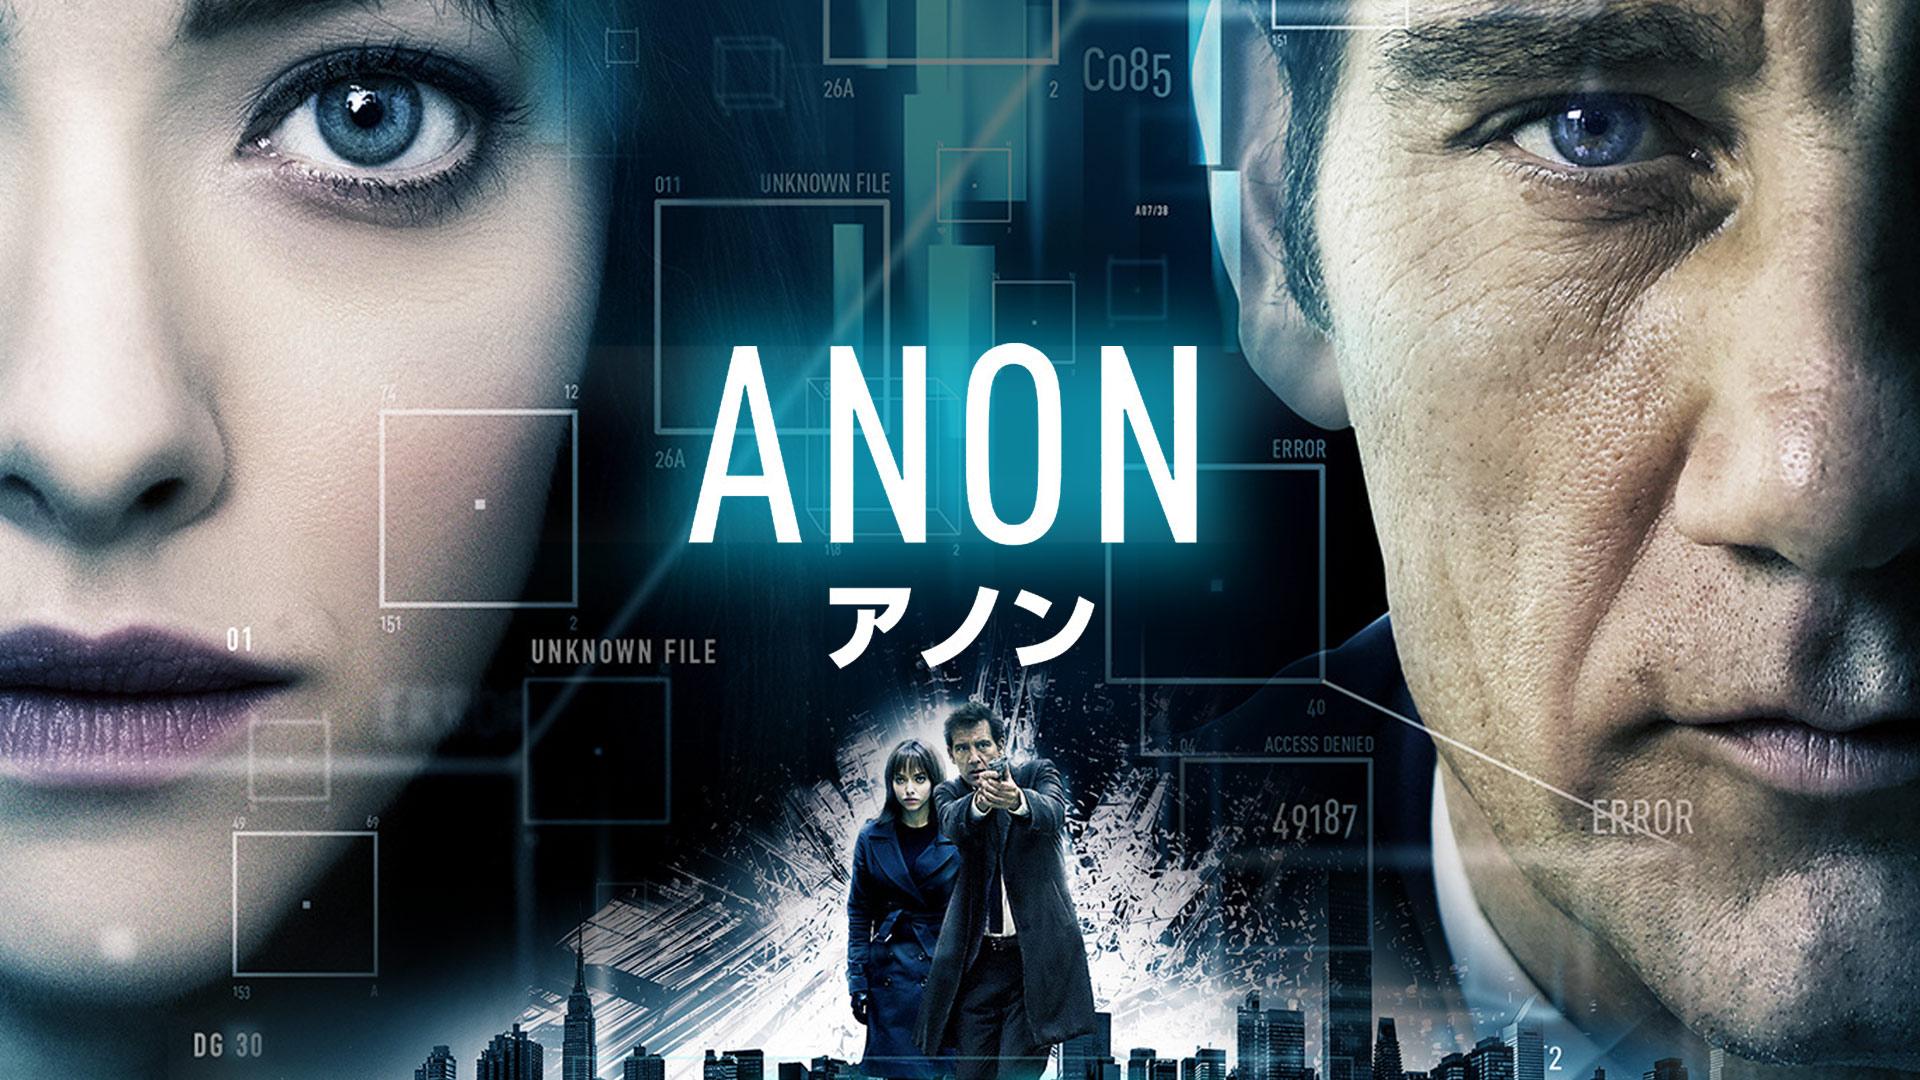 ANON アノン(吹替版)